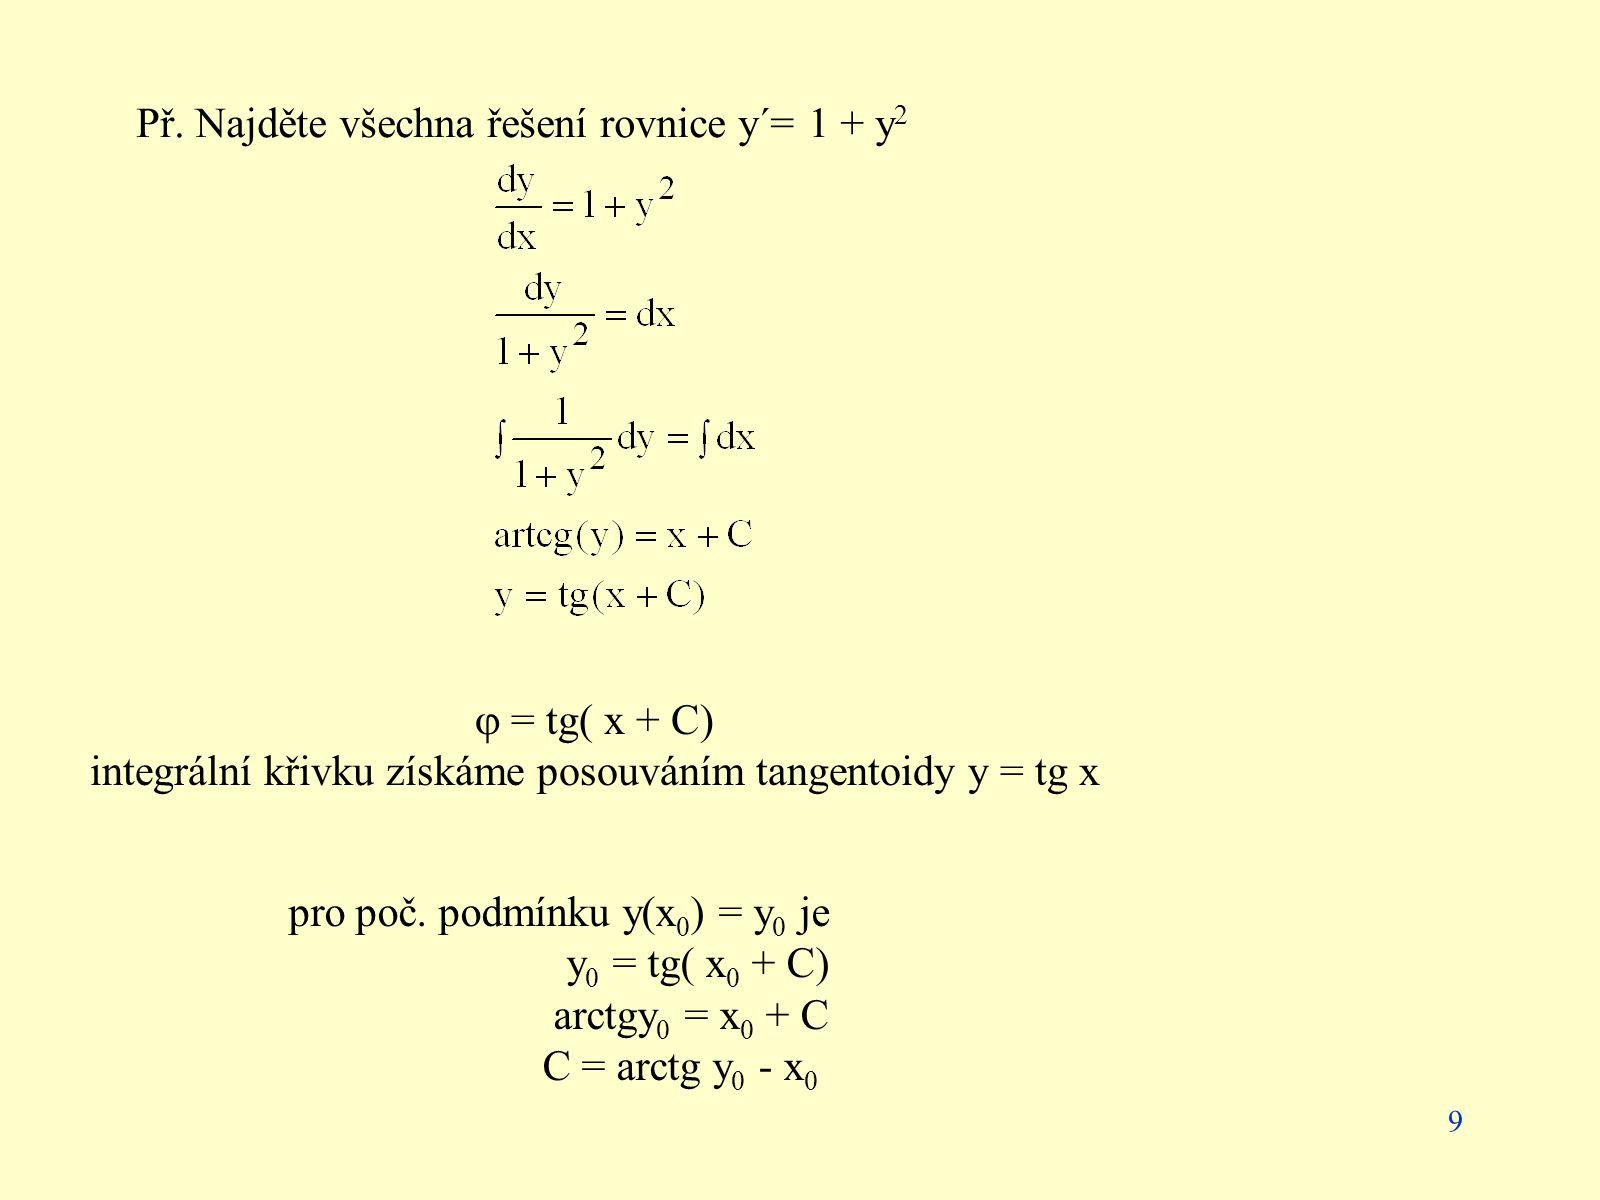 integrální křivku získáme posouváním tangentoidy y = tg x